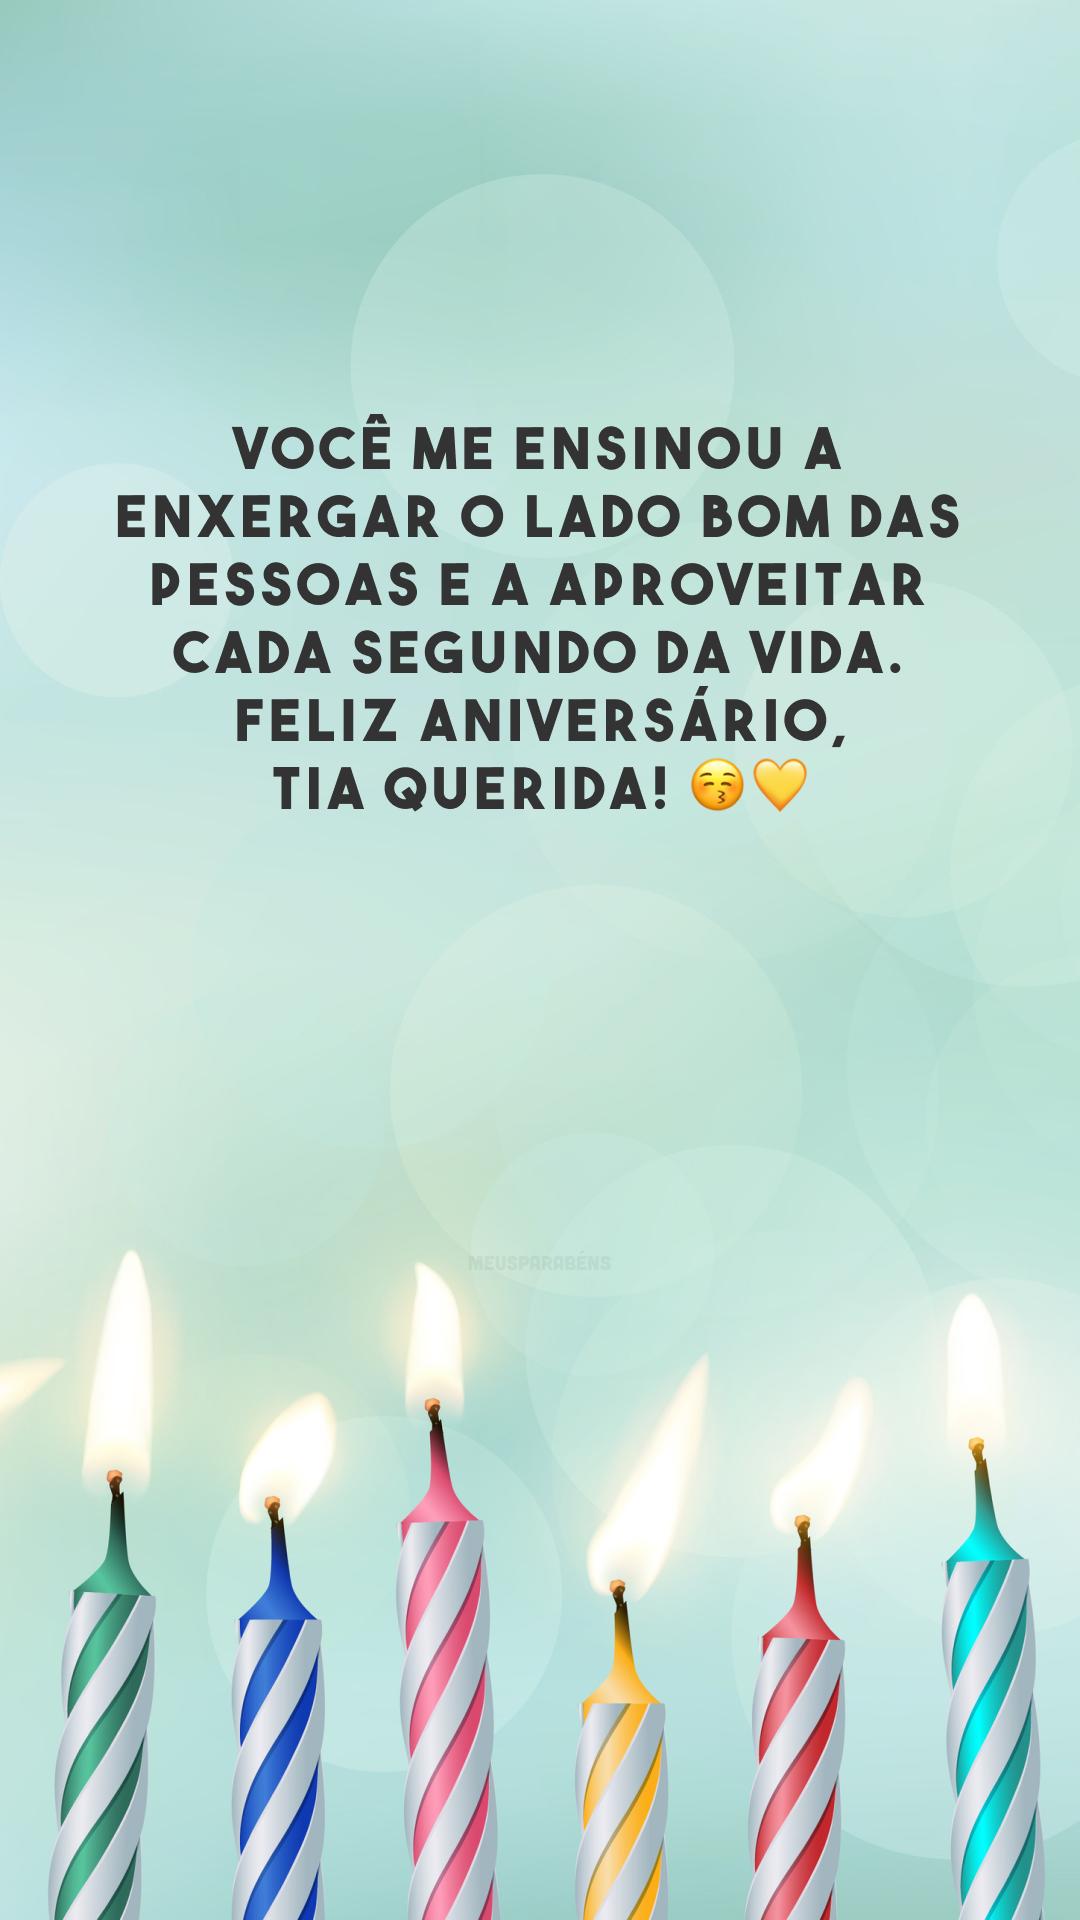 Você me ensinou a enxergar o lado bom das pessoas e a aproveitar cada segundo da vida. Feliz aniversário, tia querida! 😚💛